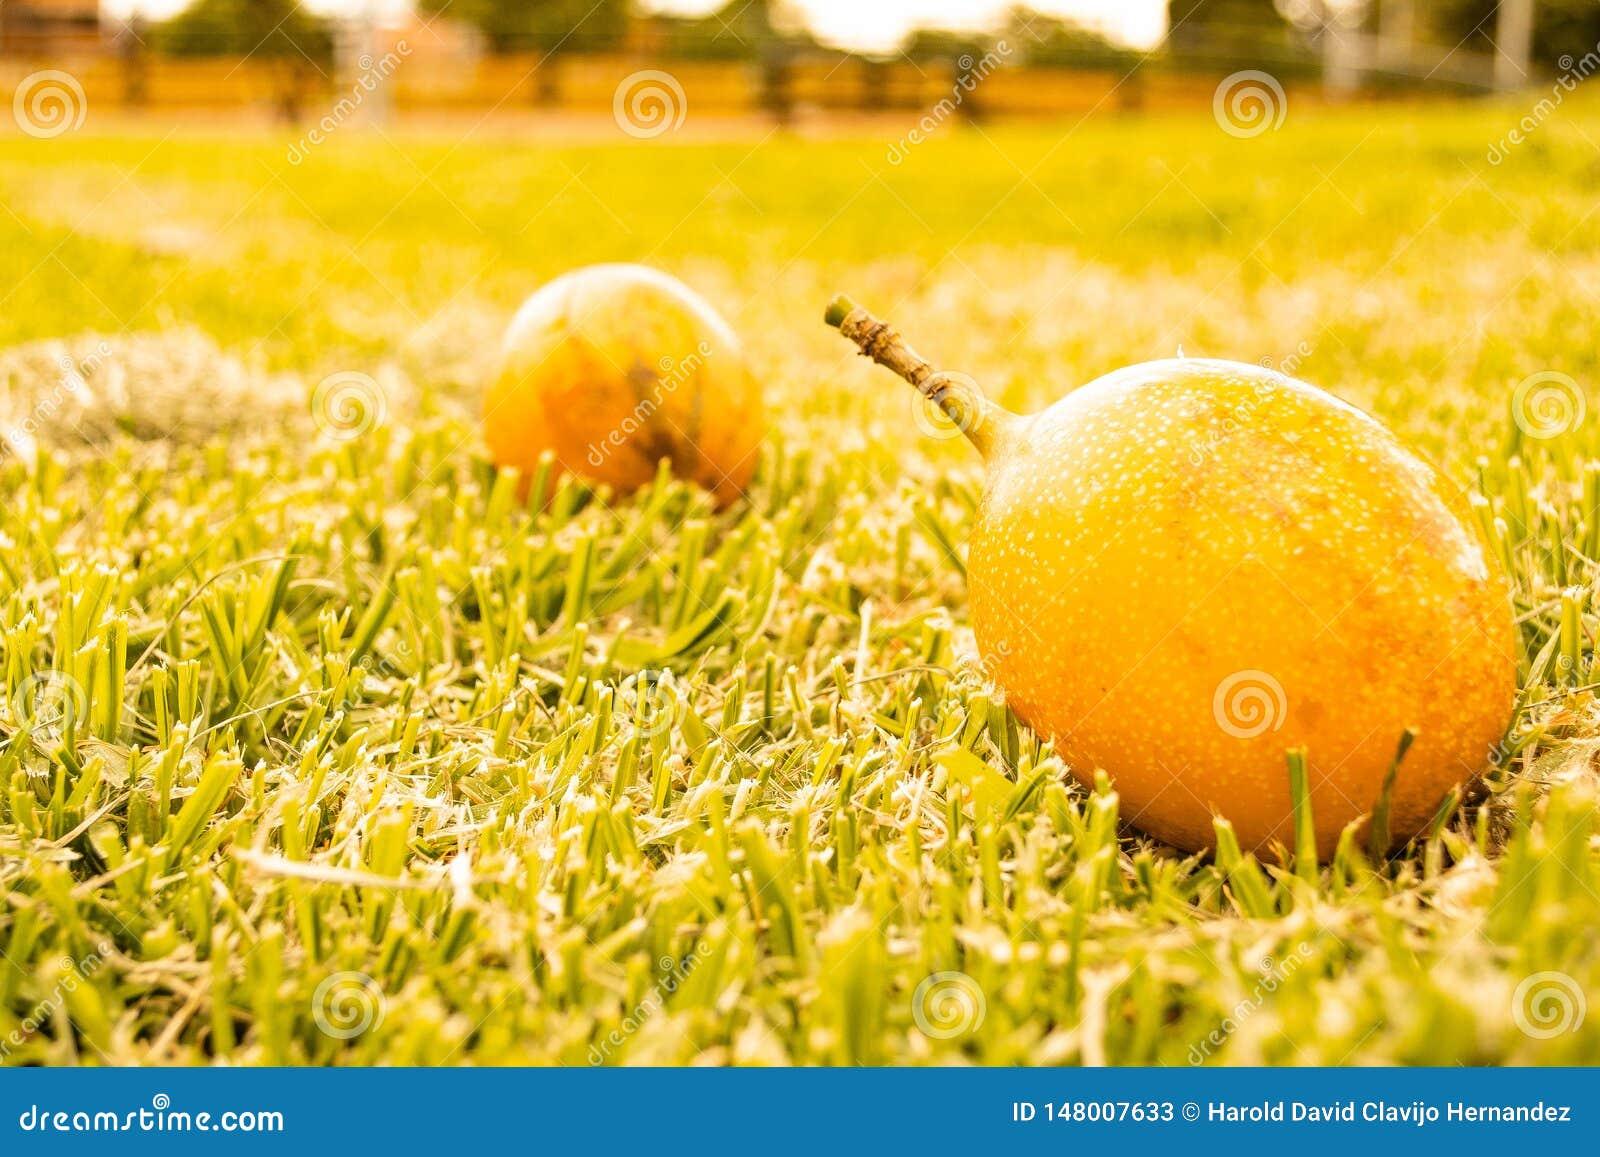 Frukt i gräset